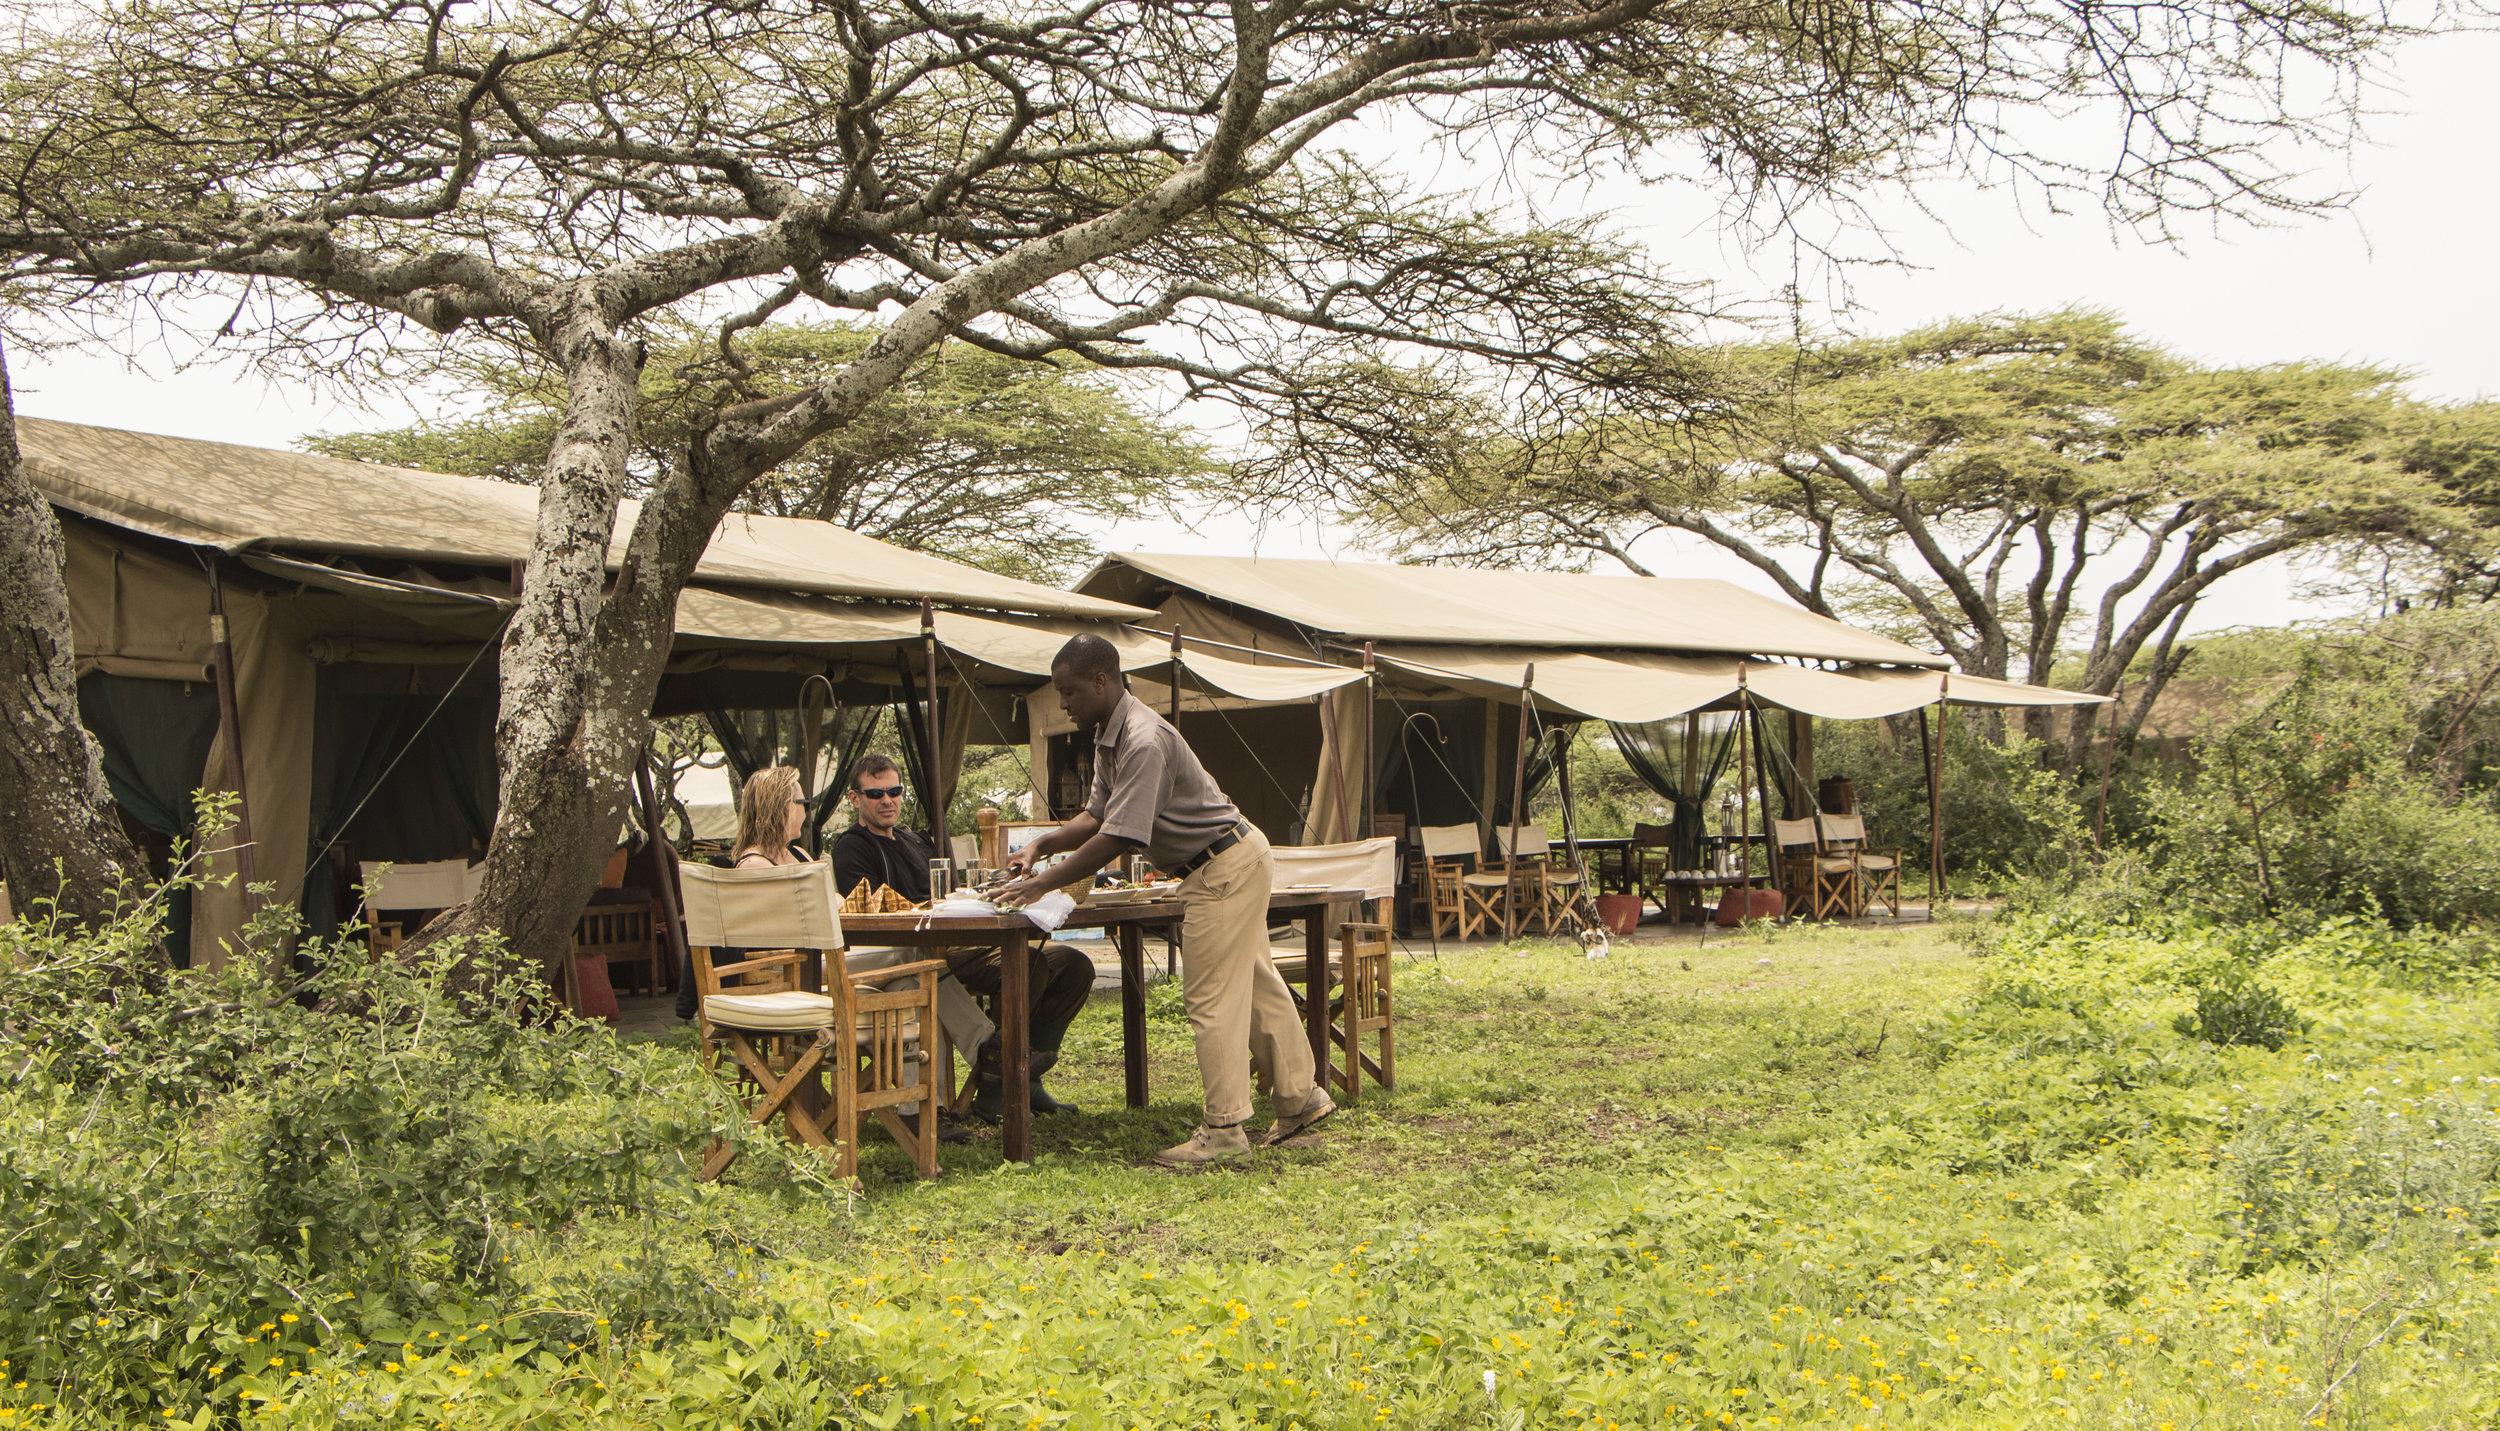 Ubuntu-Camp-lunch-under-acacia-tree-HR.jpg